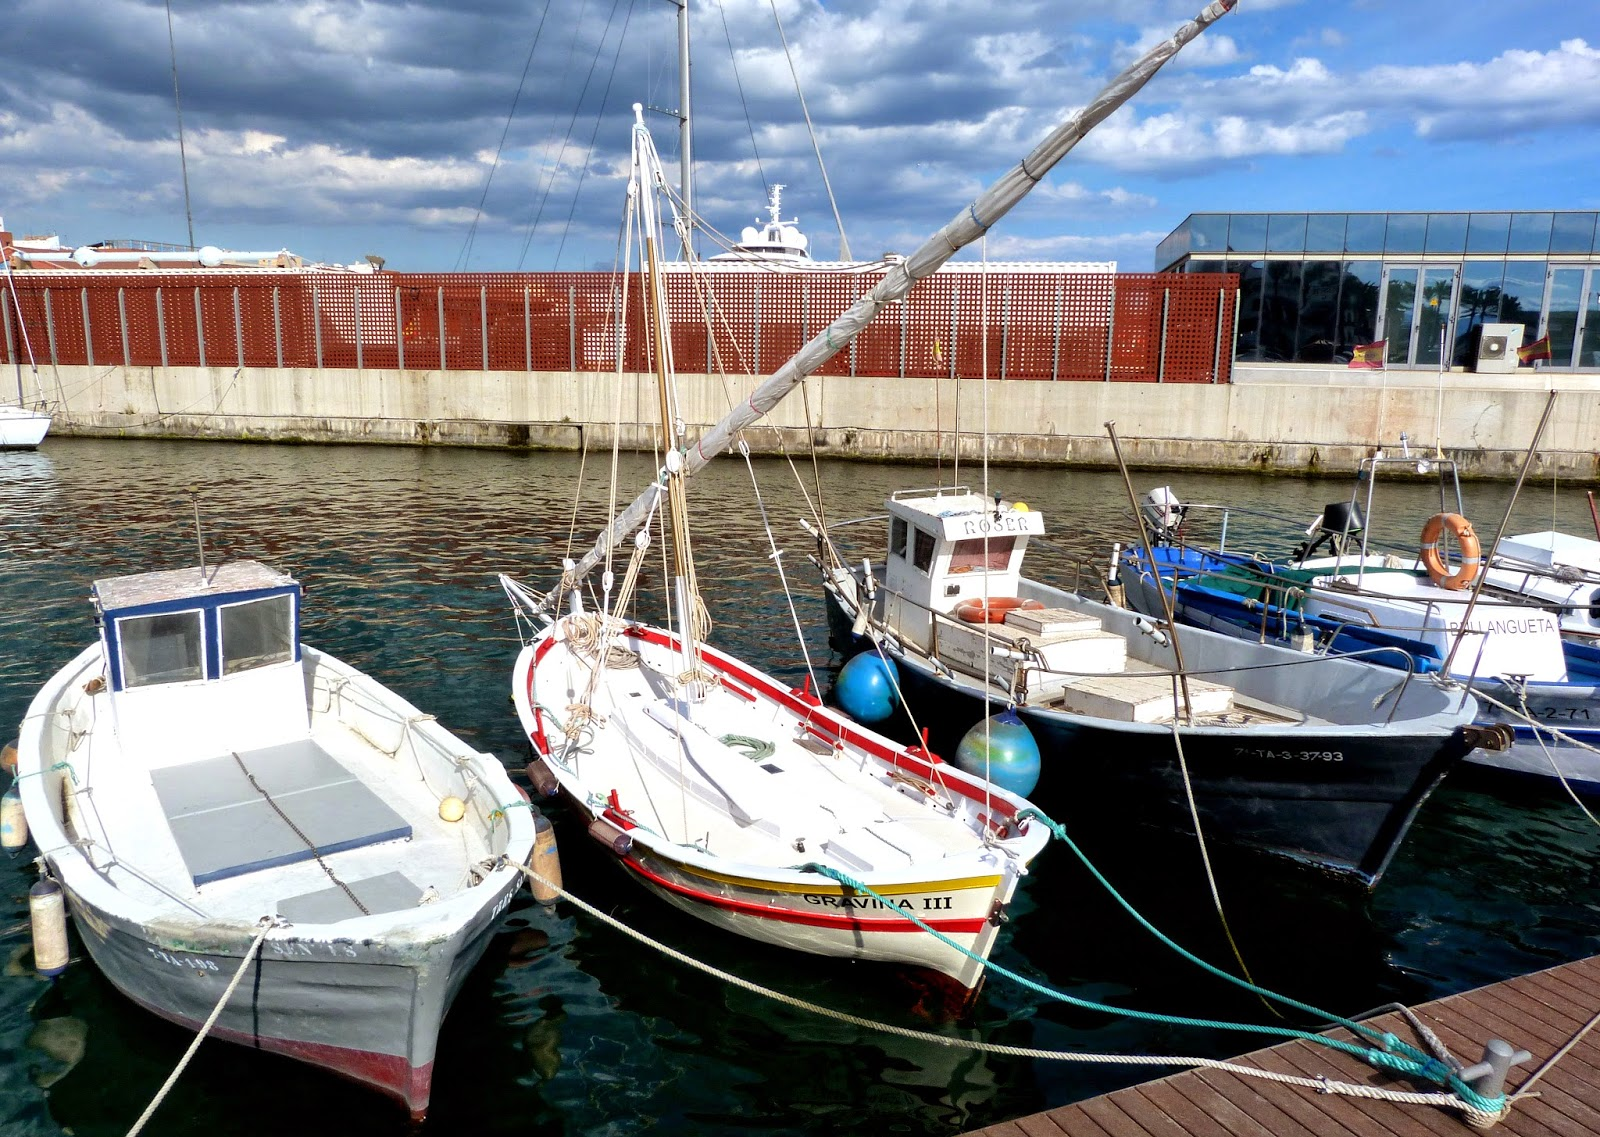 Barcos-pescadores-tarragonain